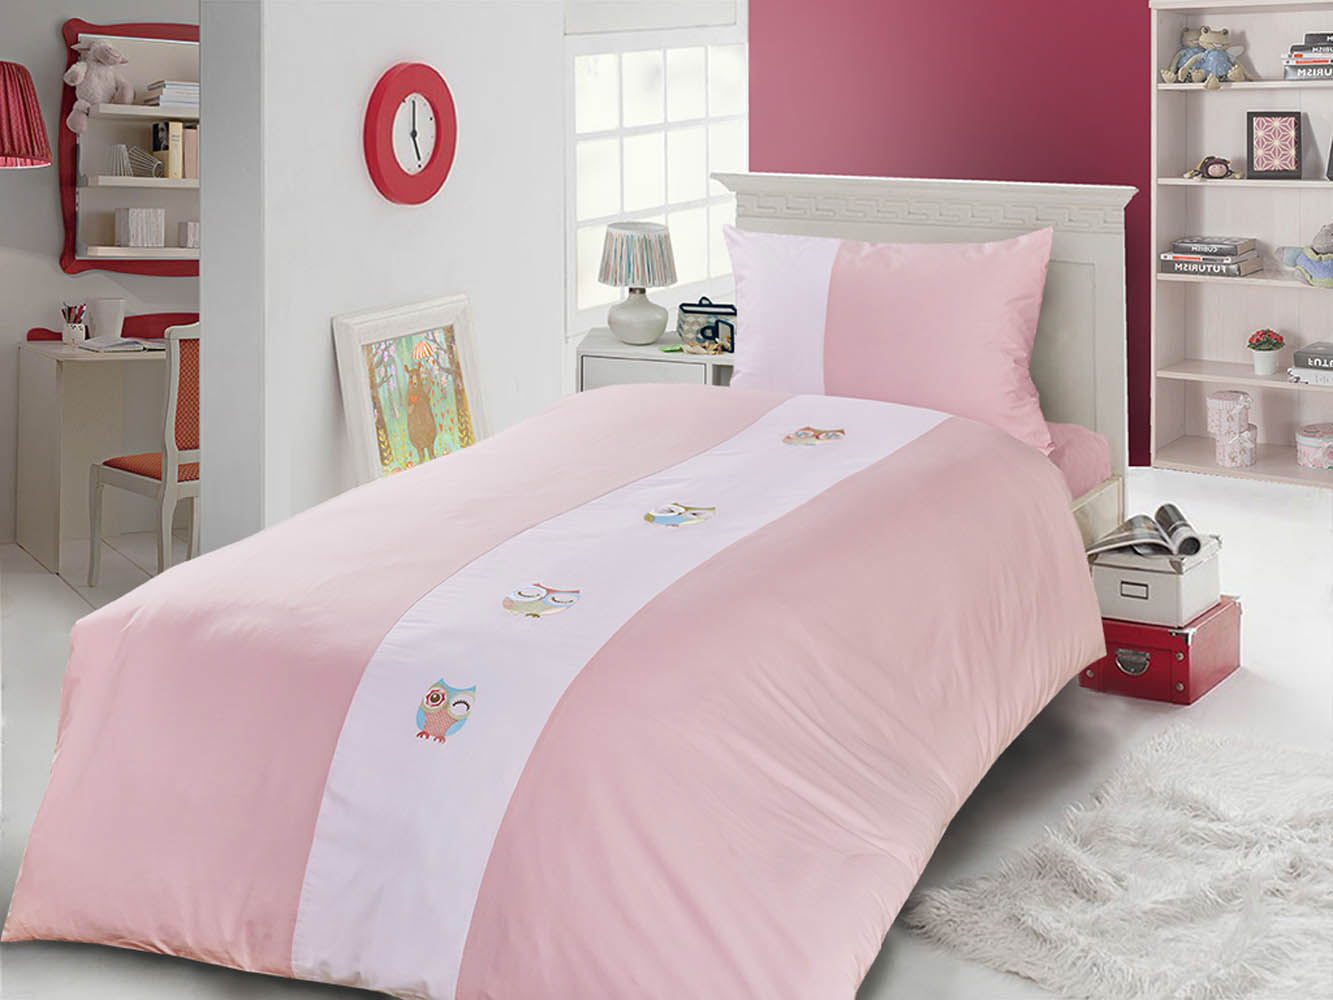 Детское Постельное белье Primavelle Детское Постельное белье Vetta Цвет: Розовый+Белый (115х145 см) vetta 851 145